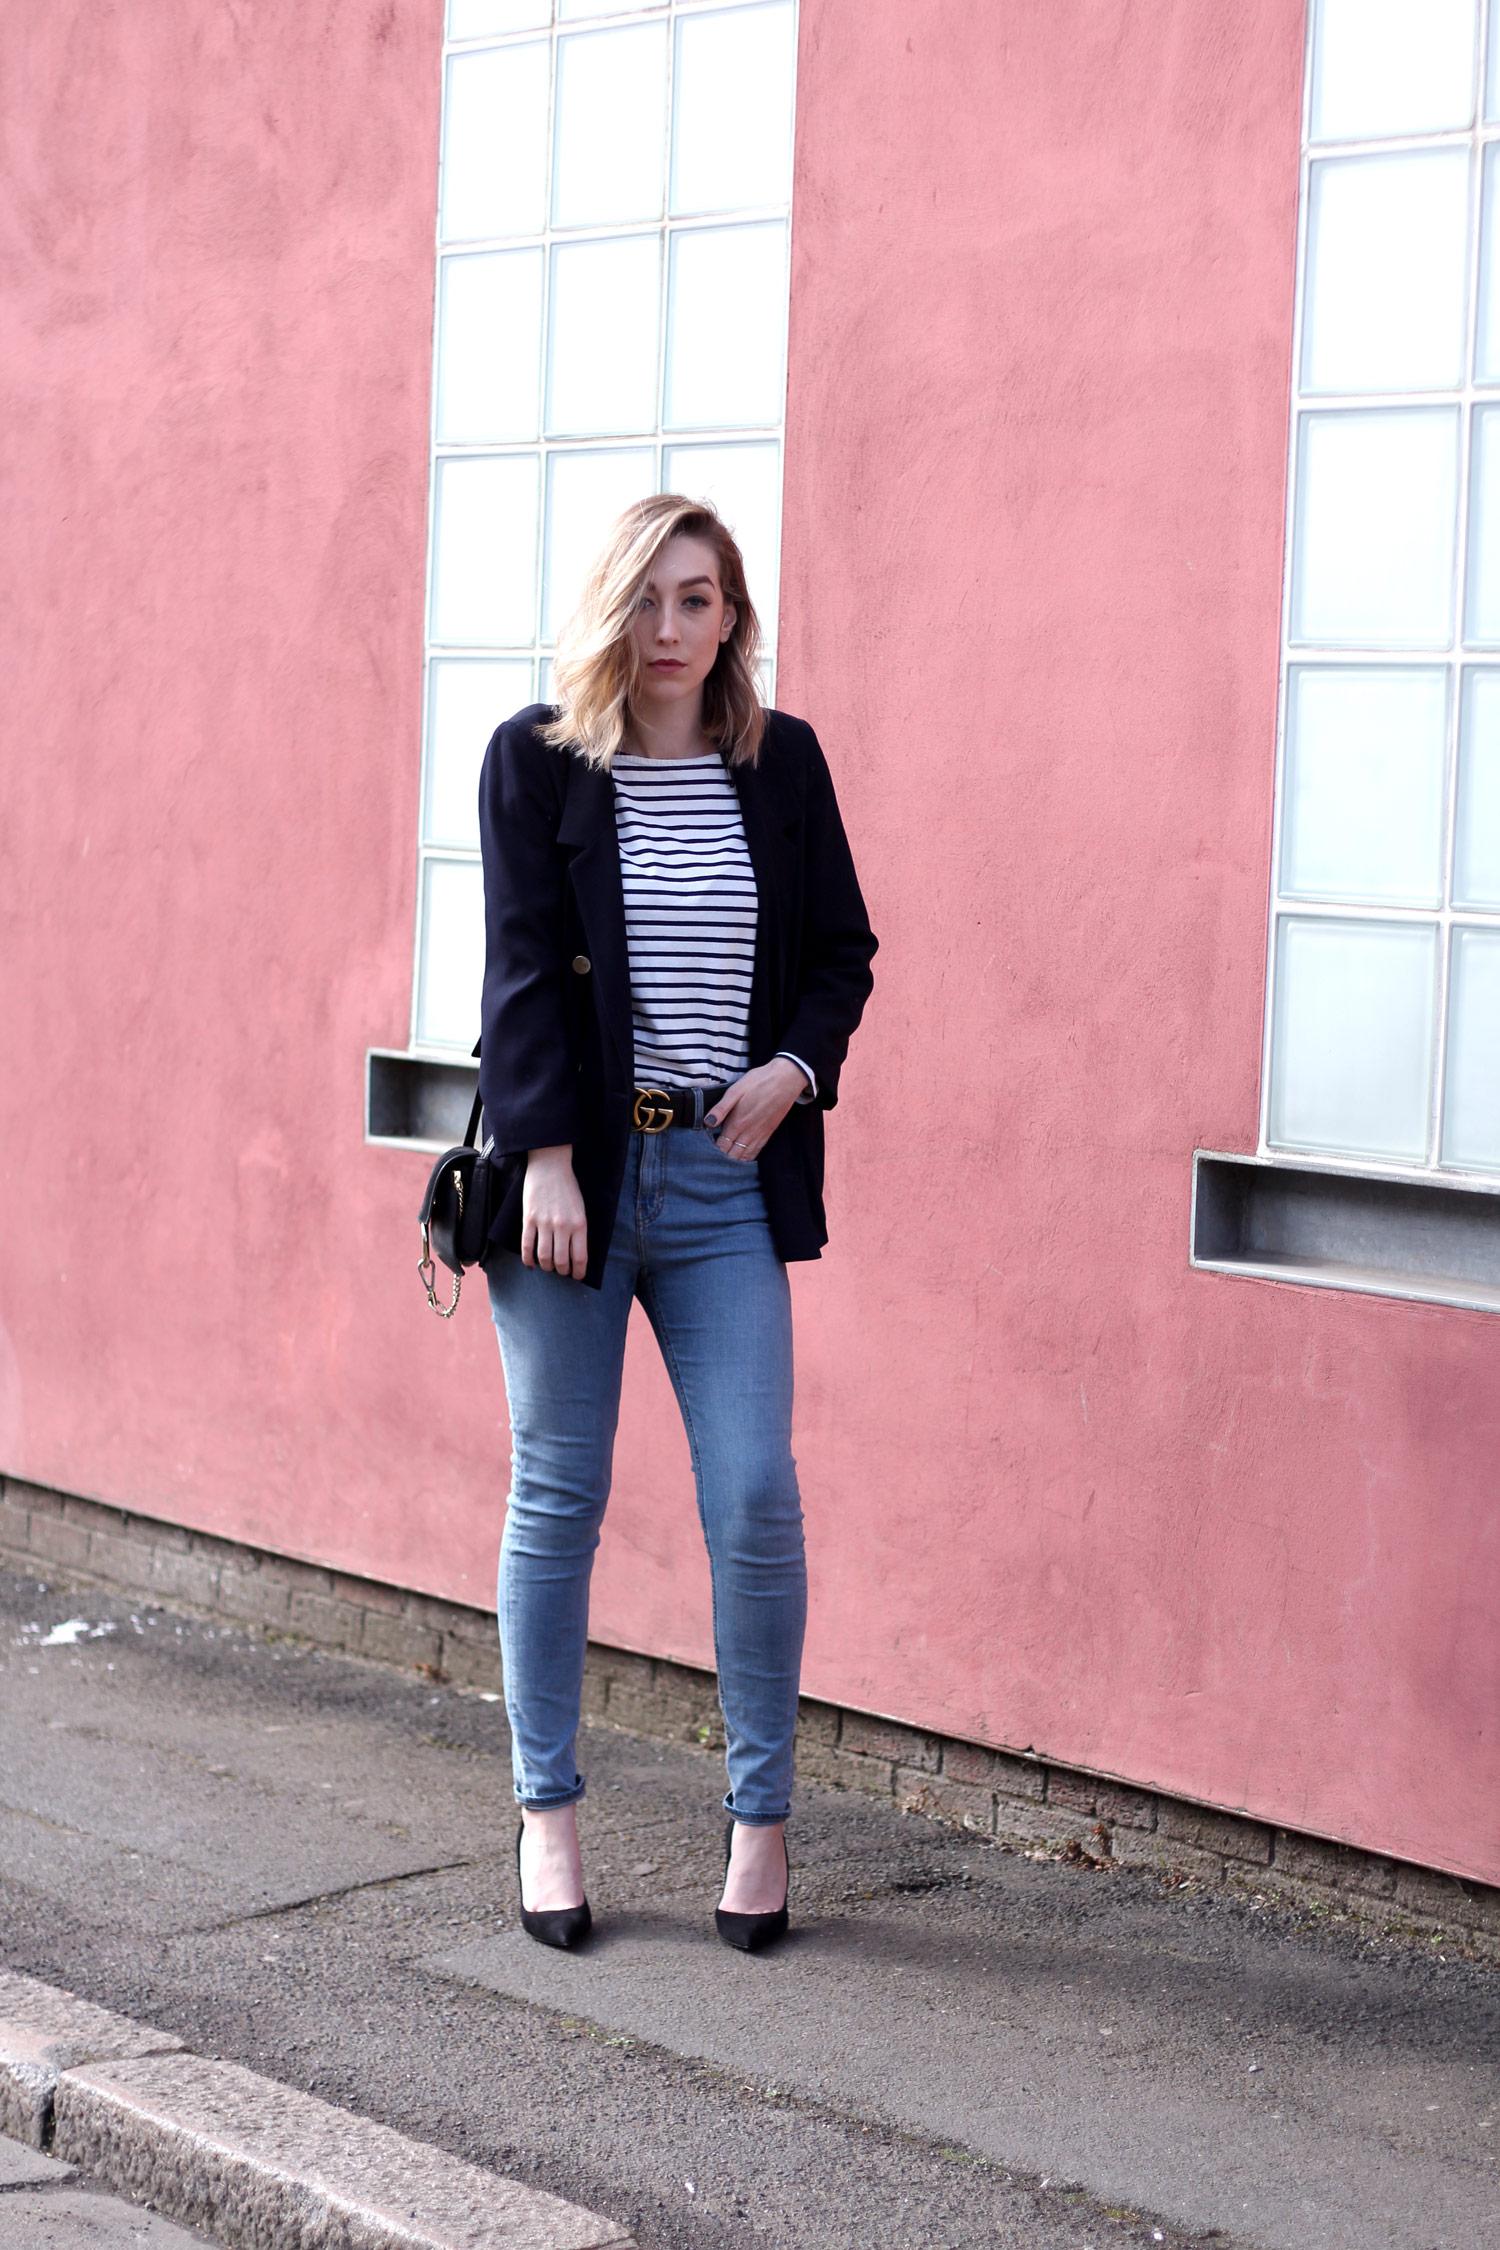 farfetch-dolce-gabbana-black-suede-heels-weekday-jeans-chloe-faye-black-3